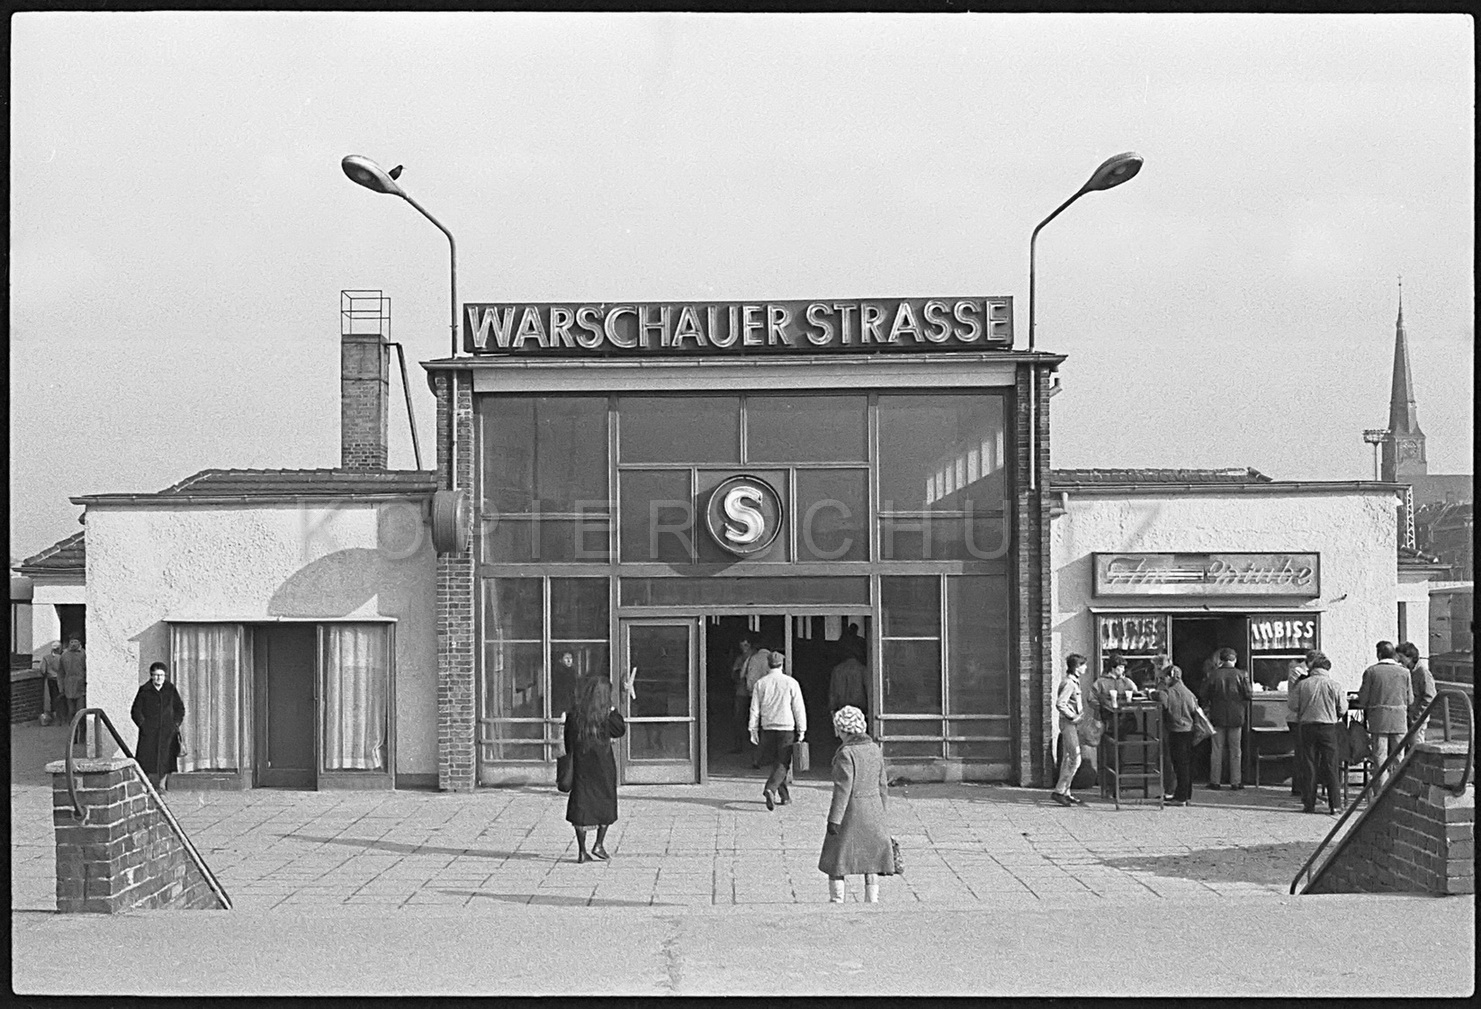 Nr01-127_Warschauerstraße-19.3.1987